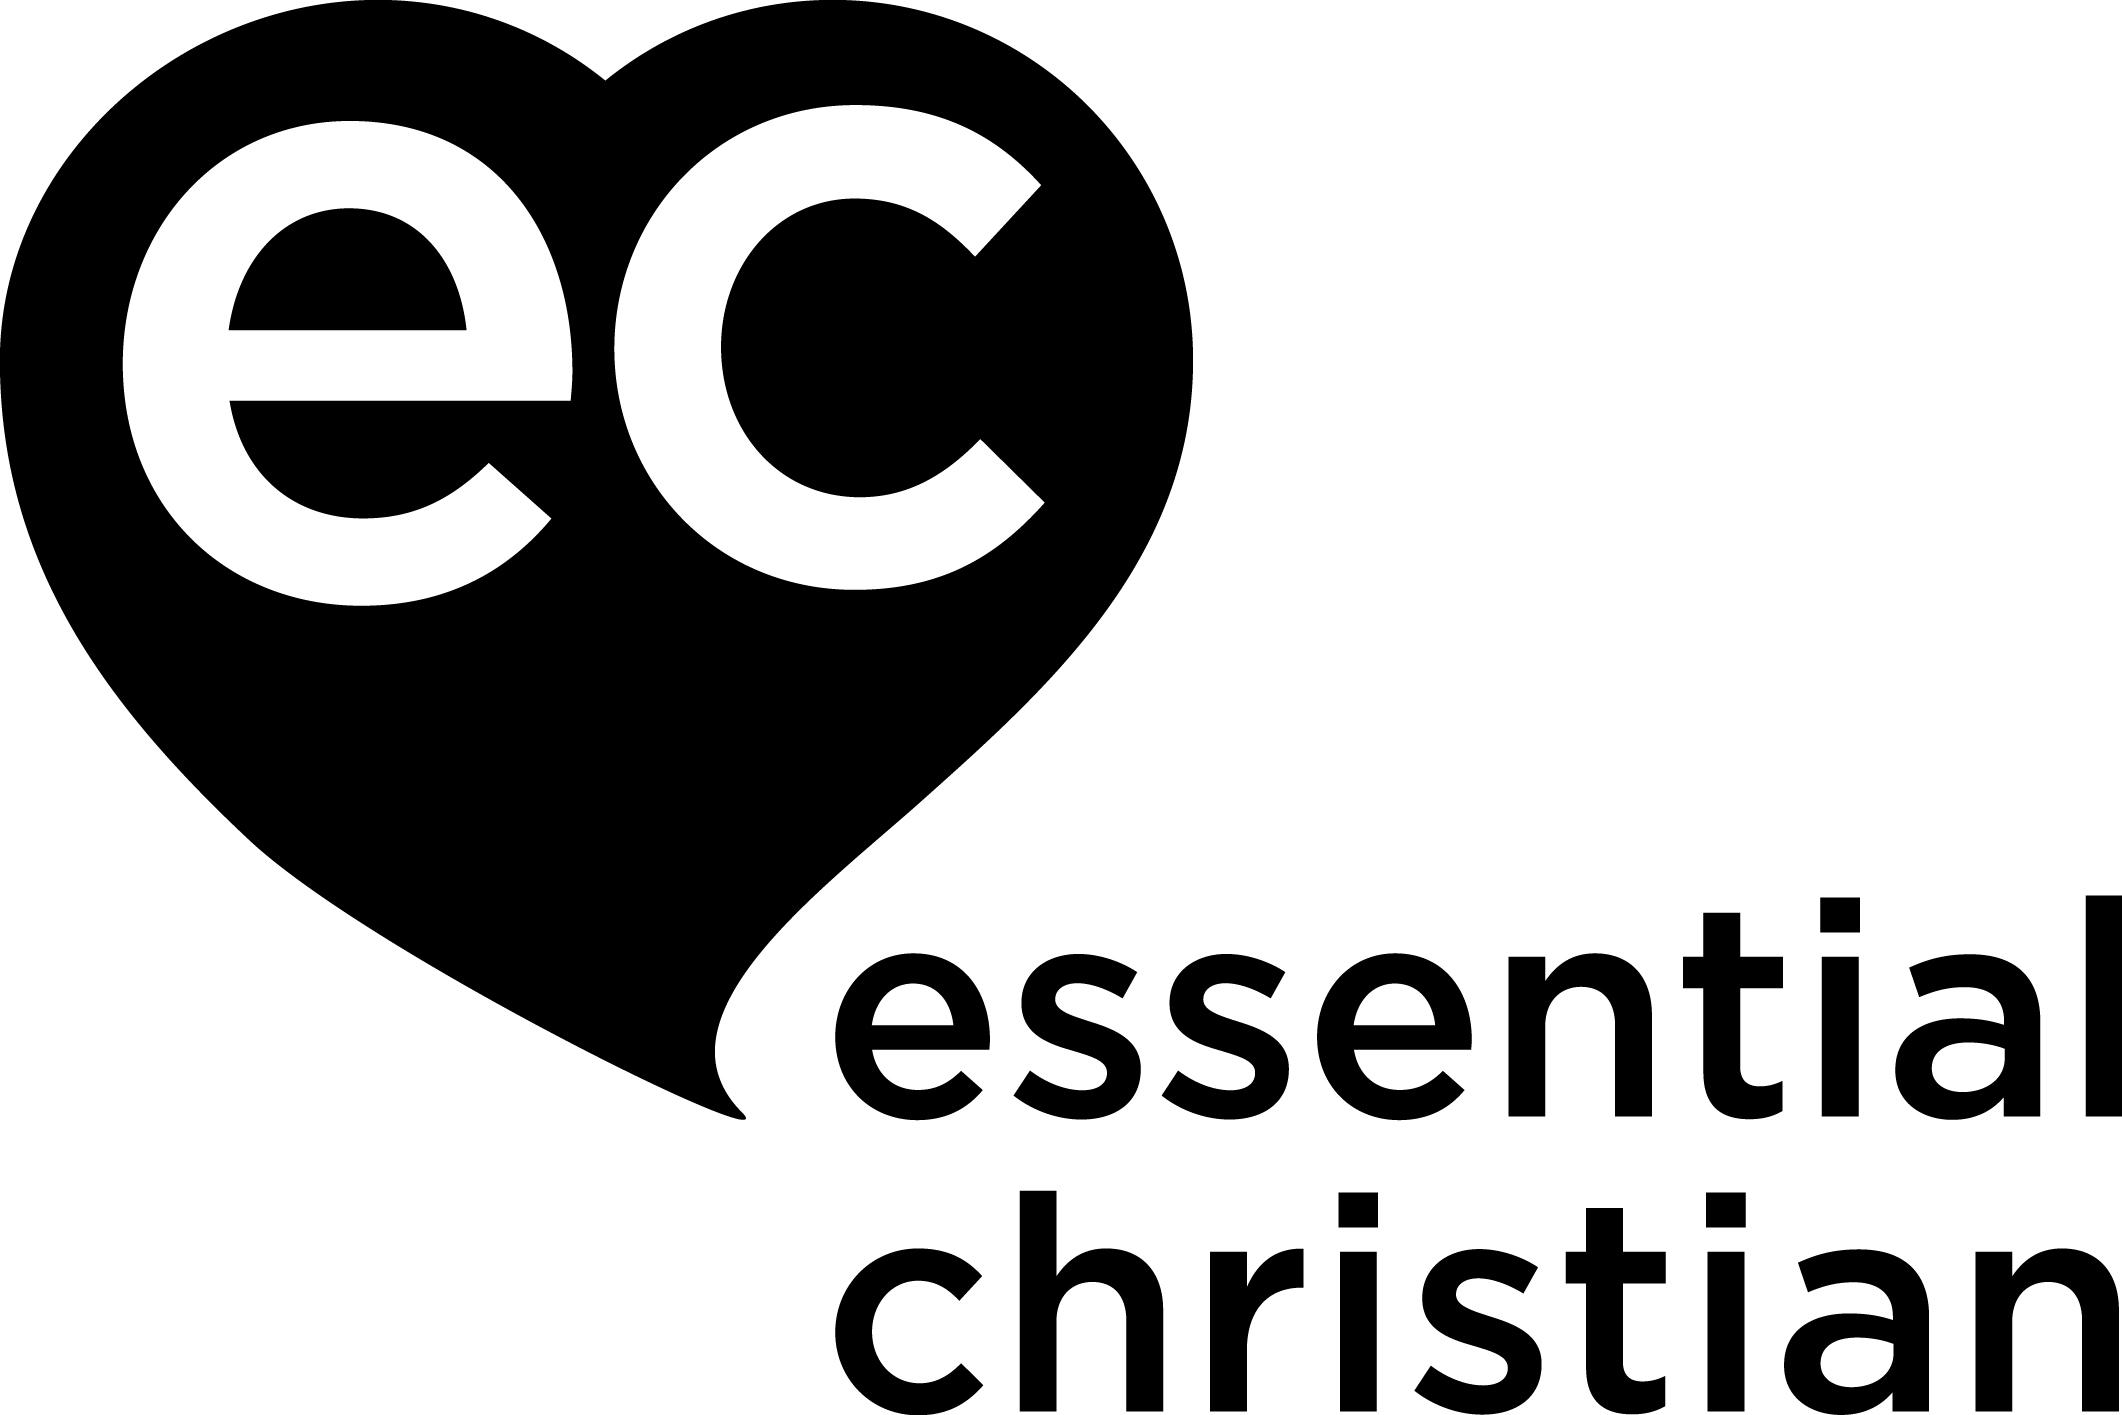 Essential Christian logo